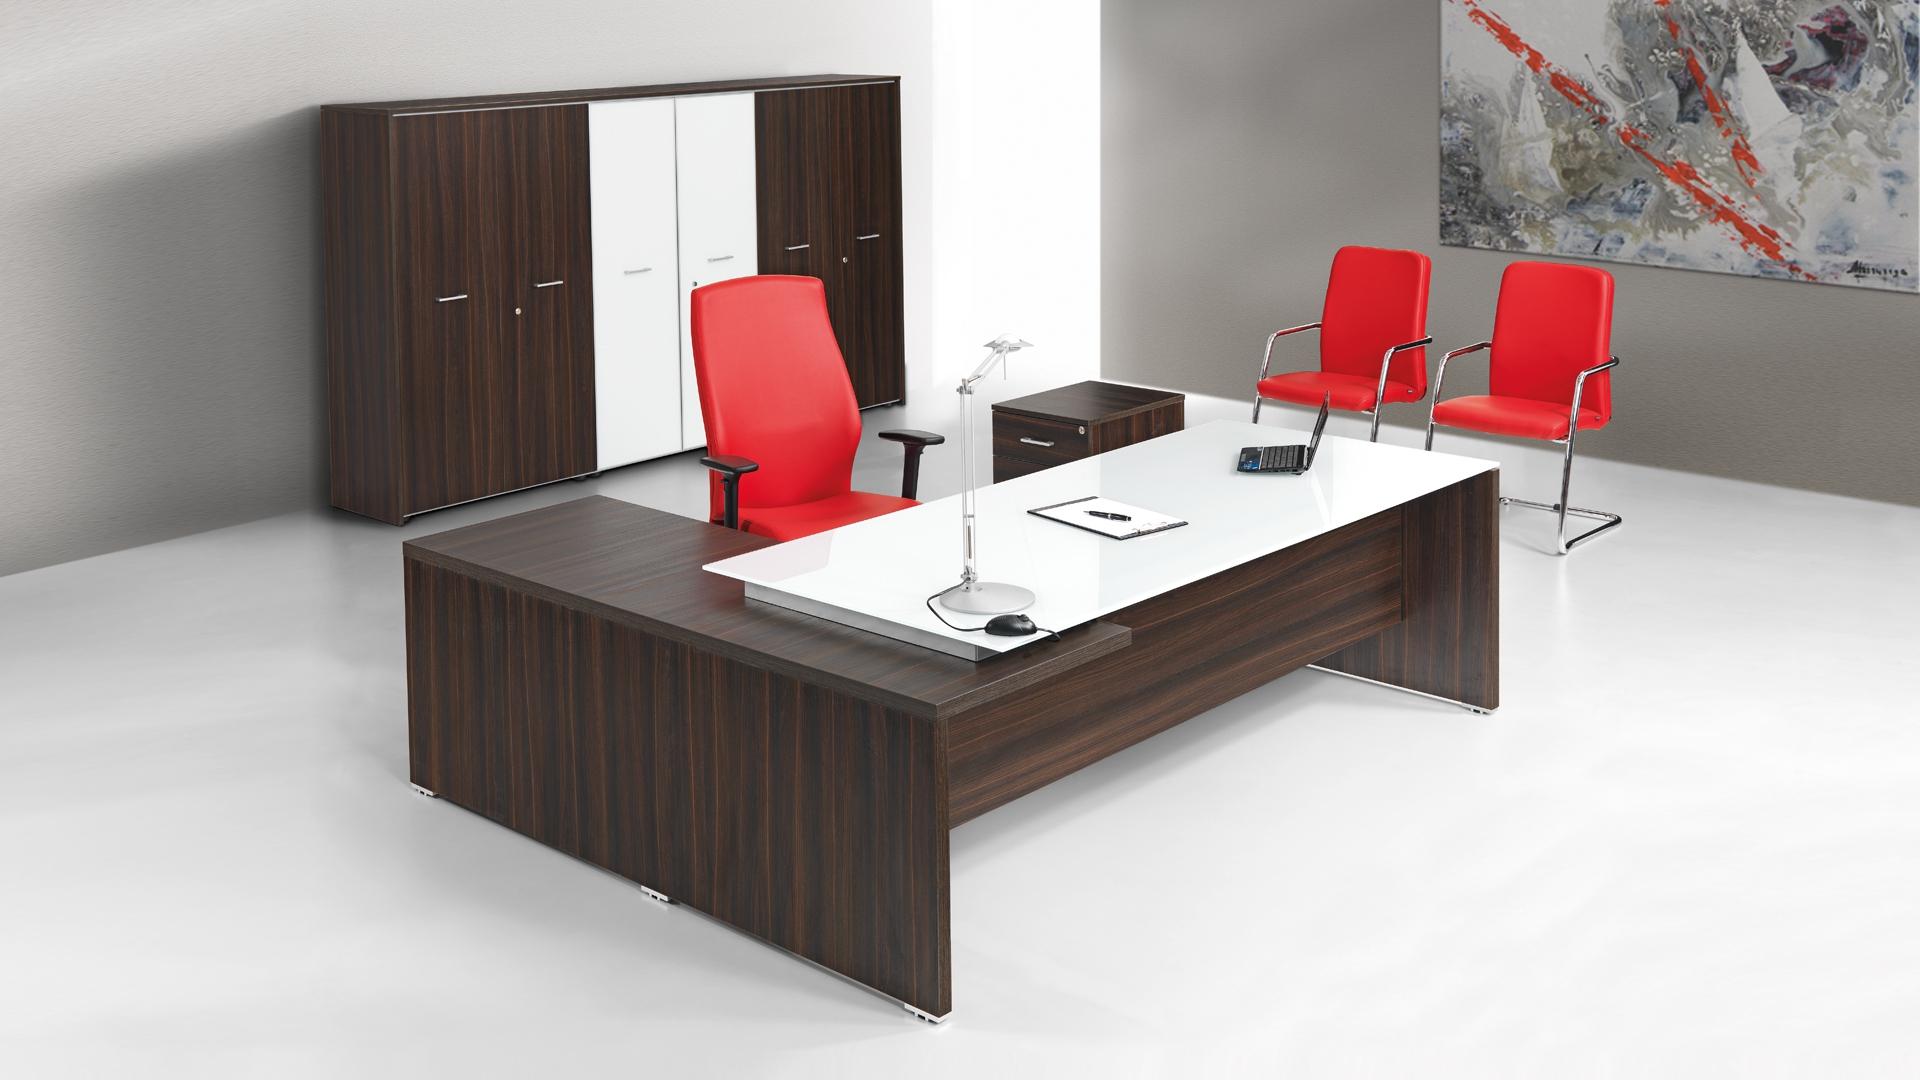 Free arredare il proprio ufficio con mobili di qualit ad un prezzo contenuto diventato una - Accessori per ufficio design ...